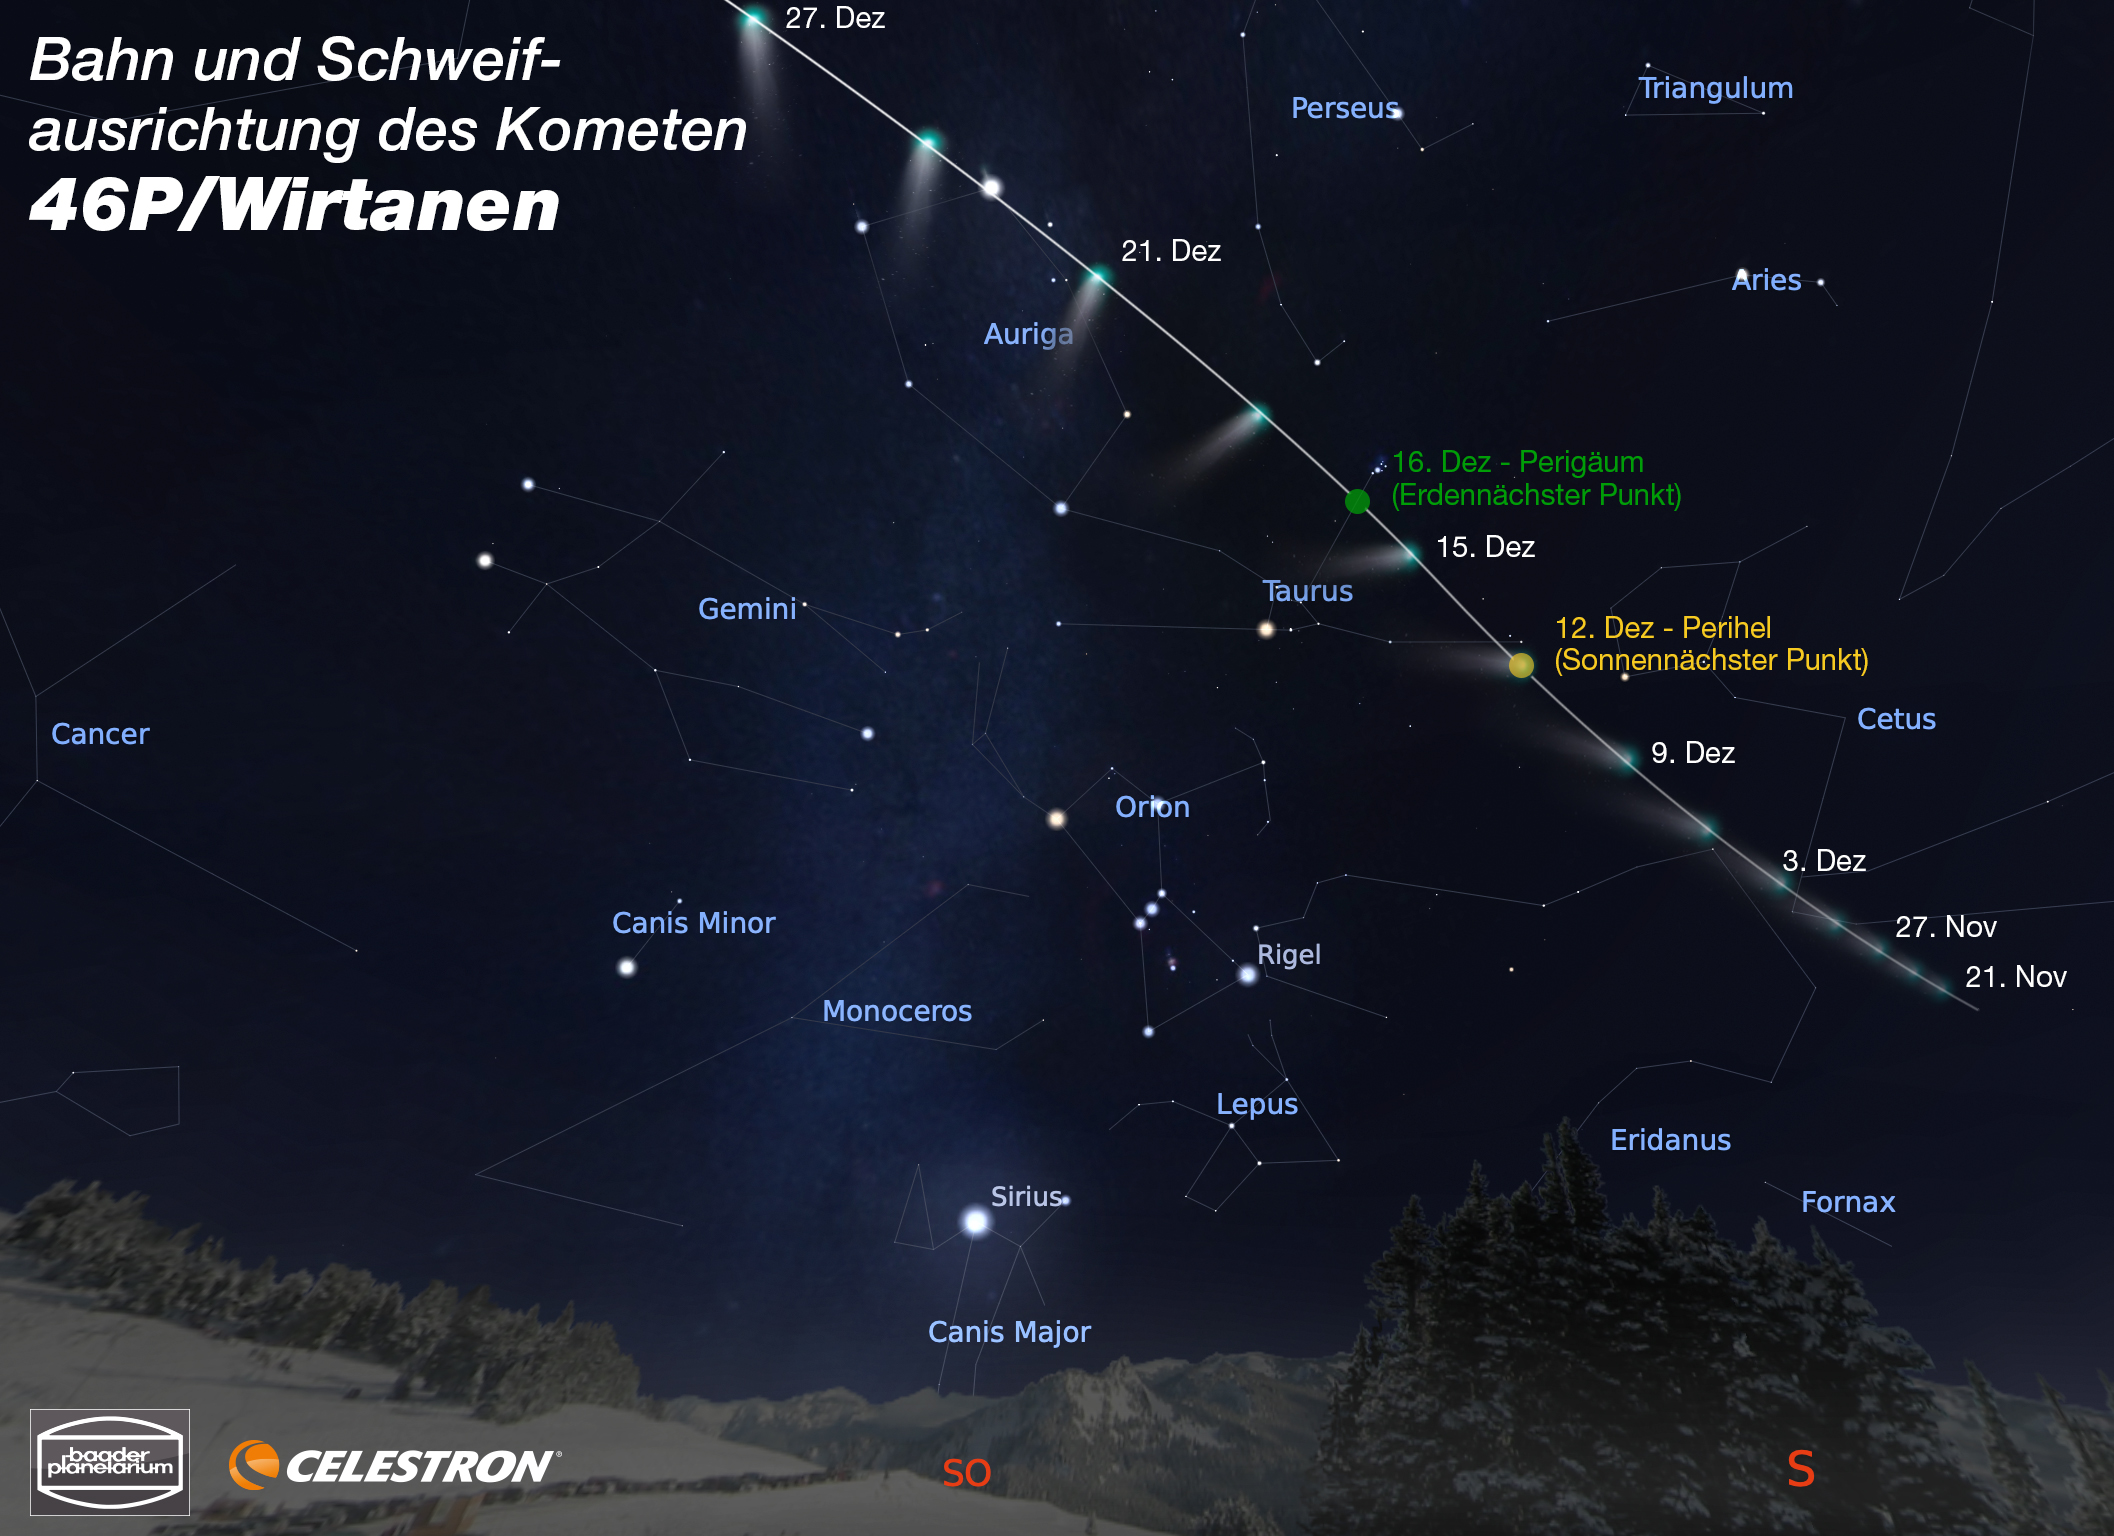 Comète 46P/Wirtanen Bahn-des-kometen-wirtanen-1